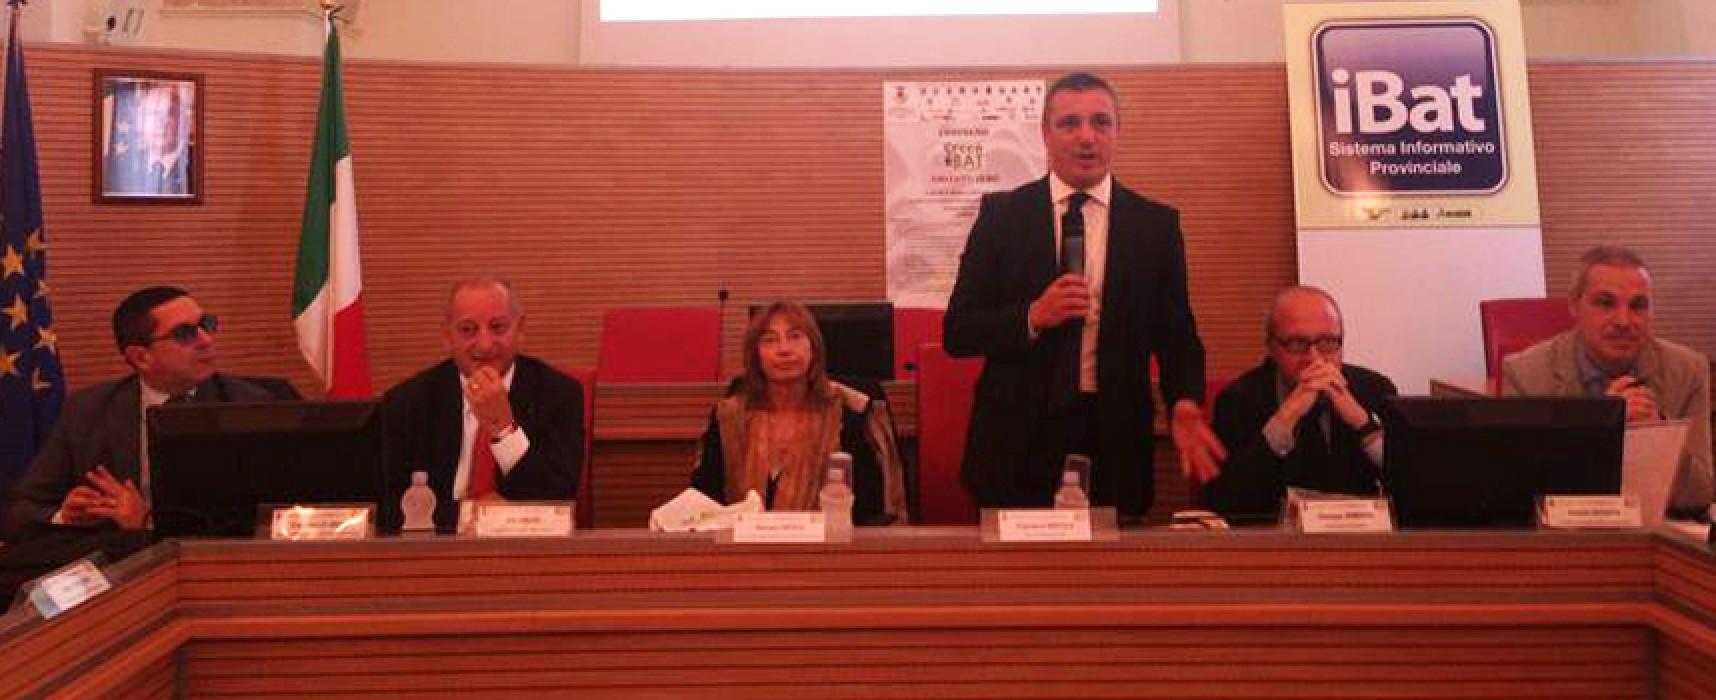 Provincia Bat, bando da 400mila euro per la rimozione dell'amianto